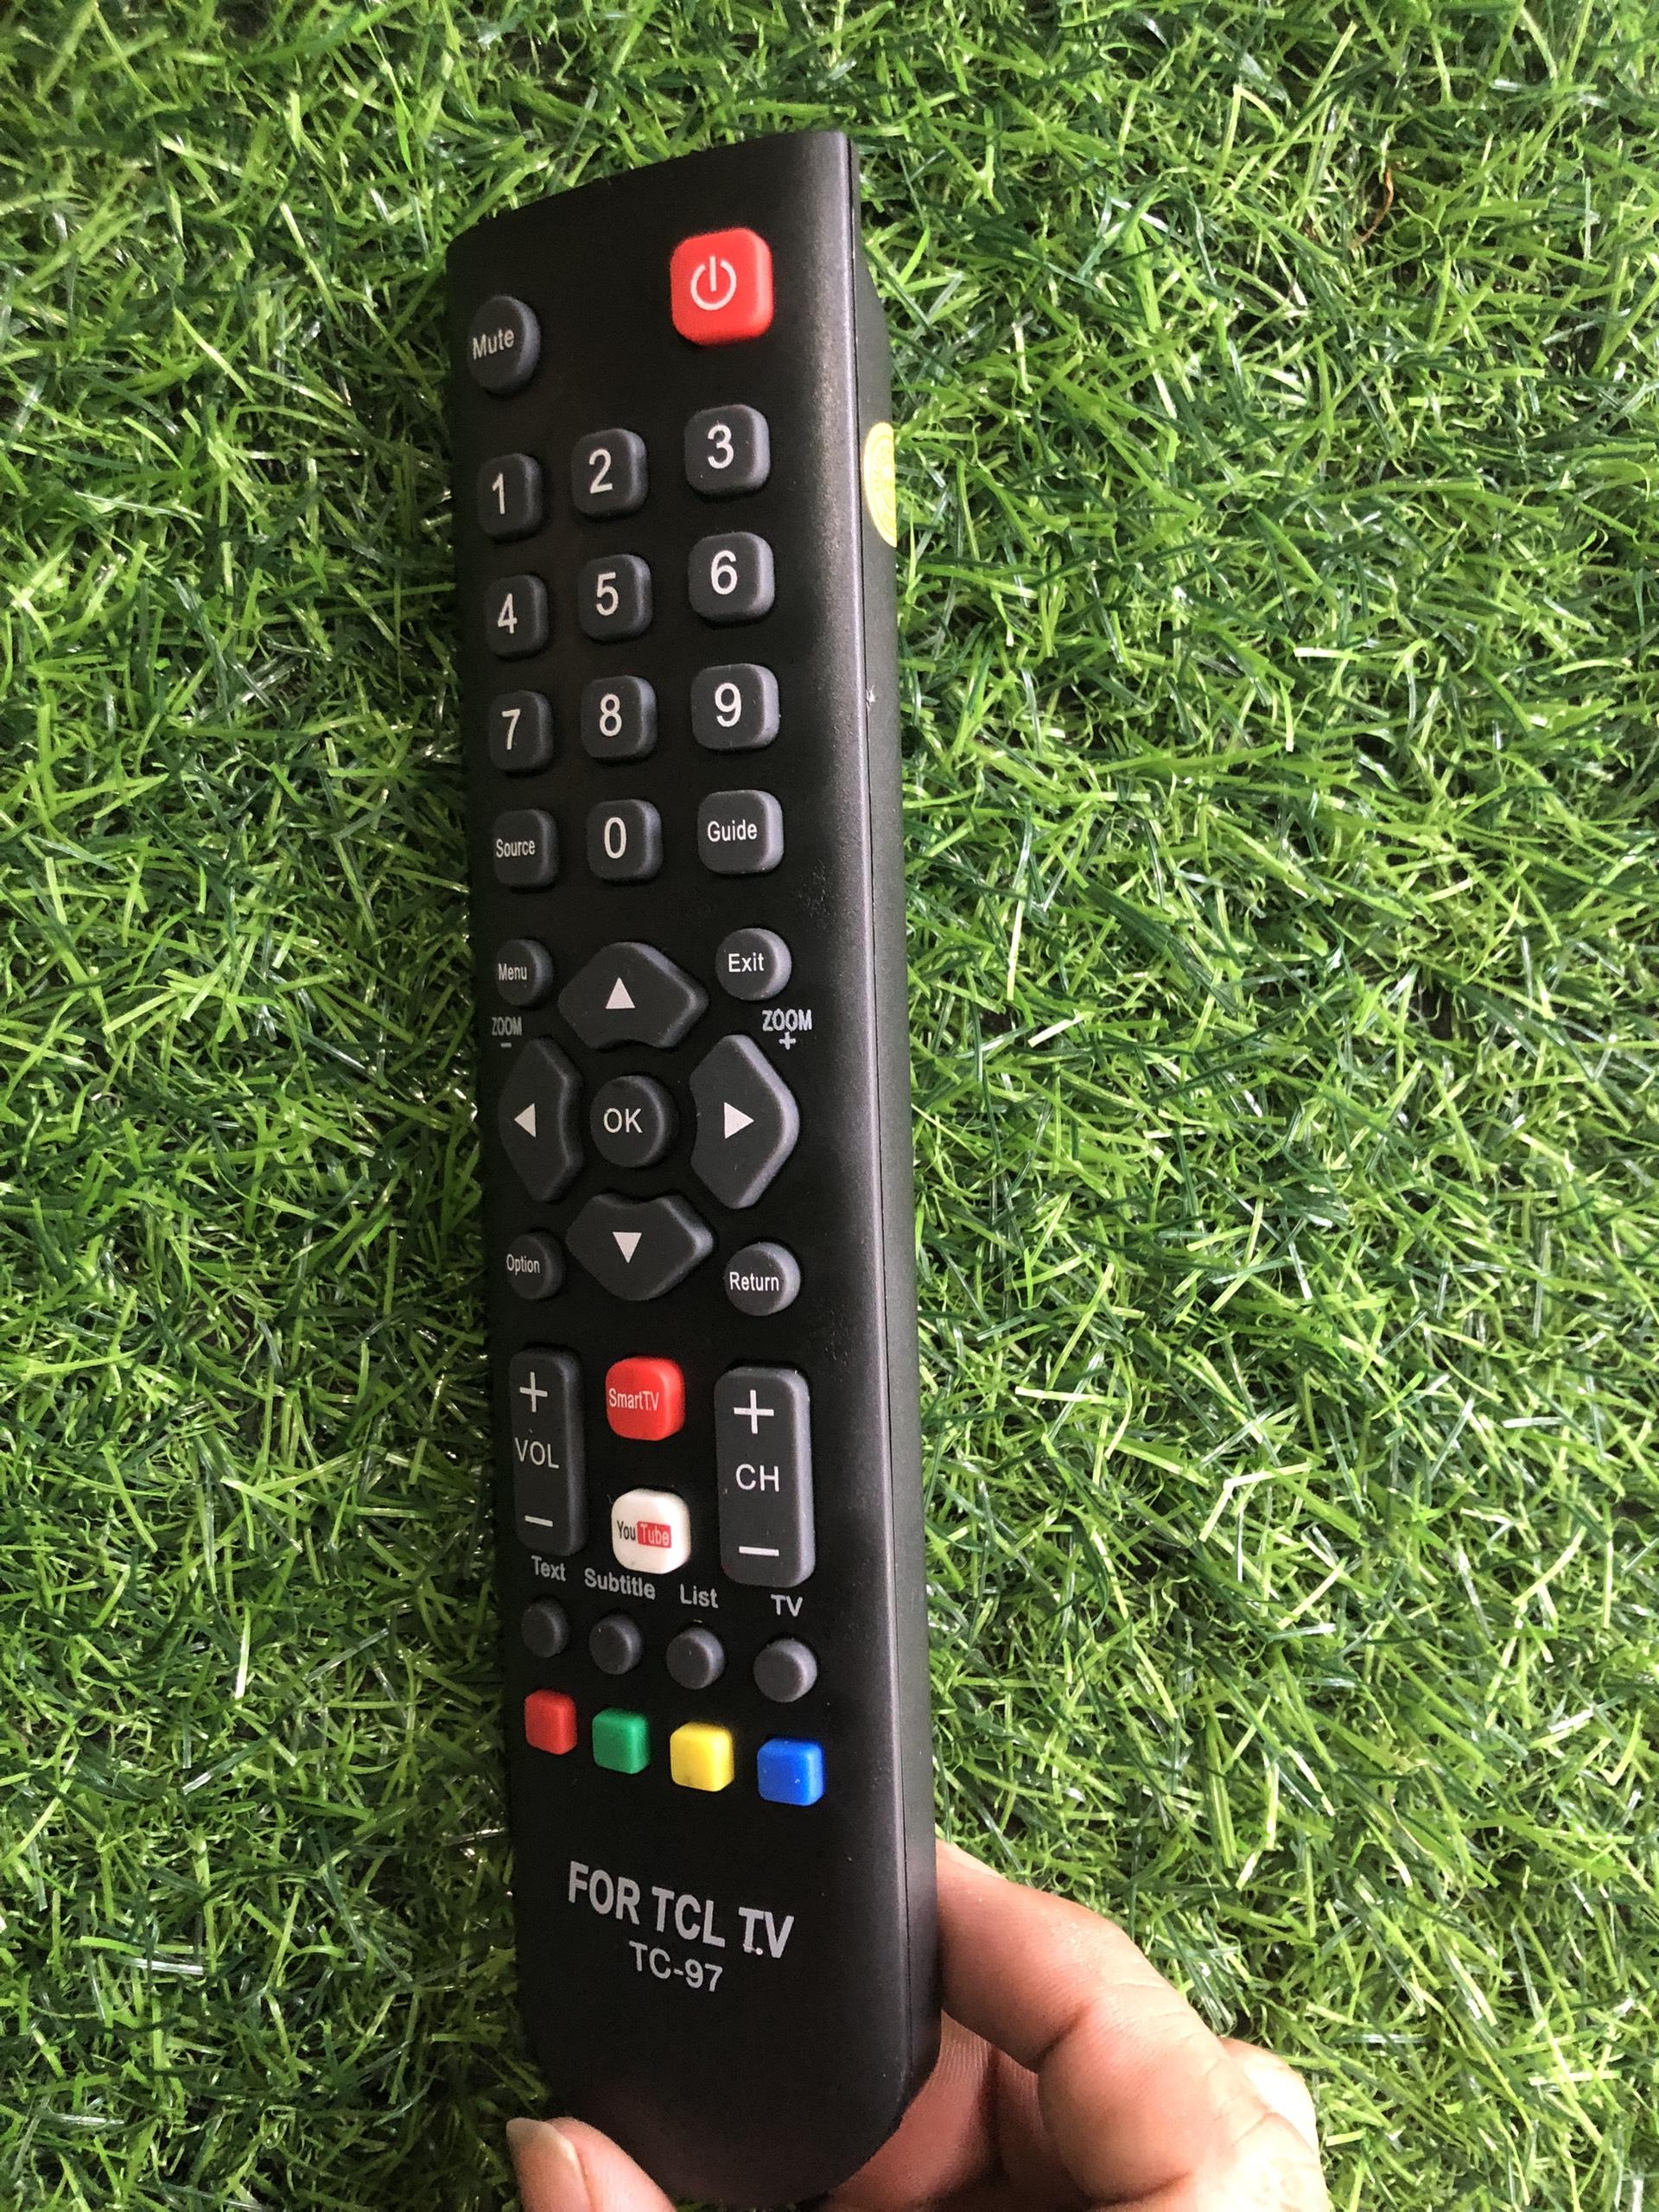 Điều khiển tivi TCL Smart internet RC200 vào mạng internet - tặng kèm pin ,Remote điều khiển tivi TCL Smart RC200 smart internet 5